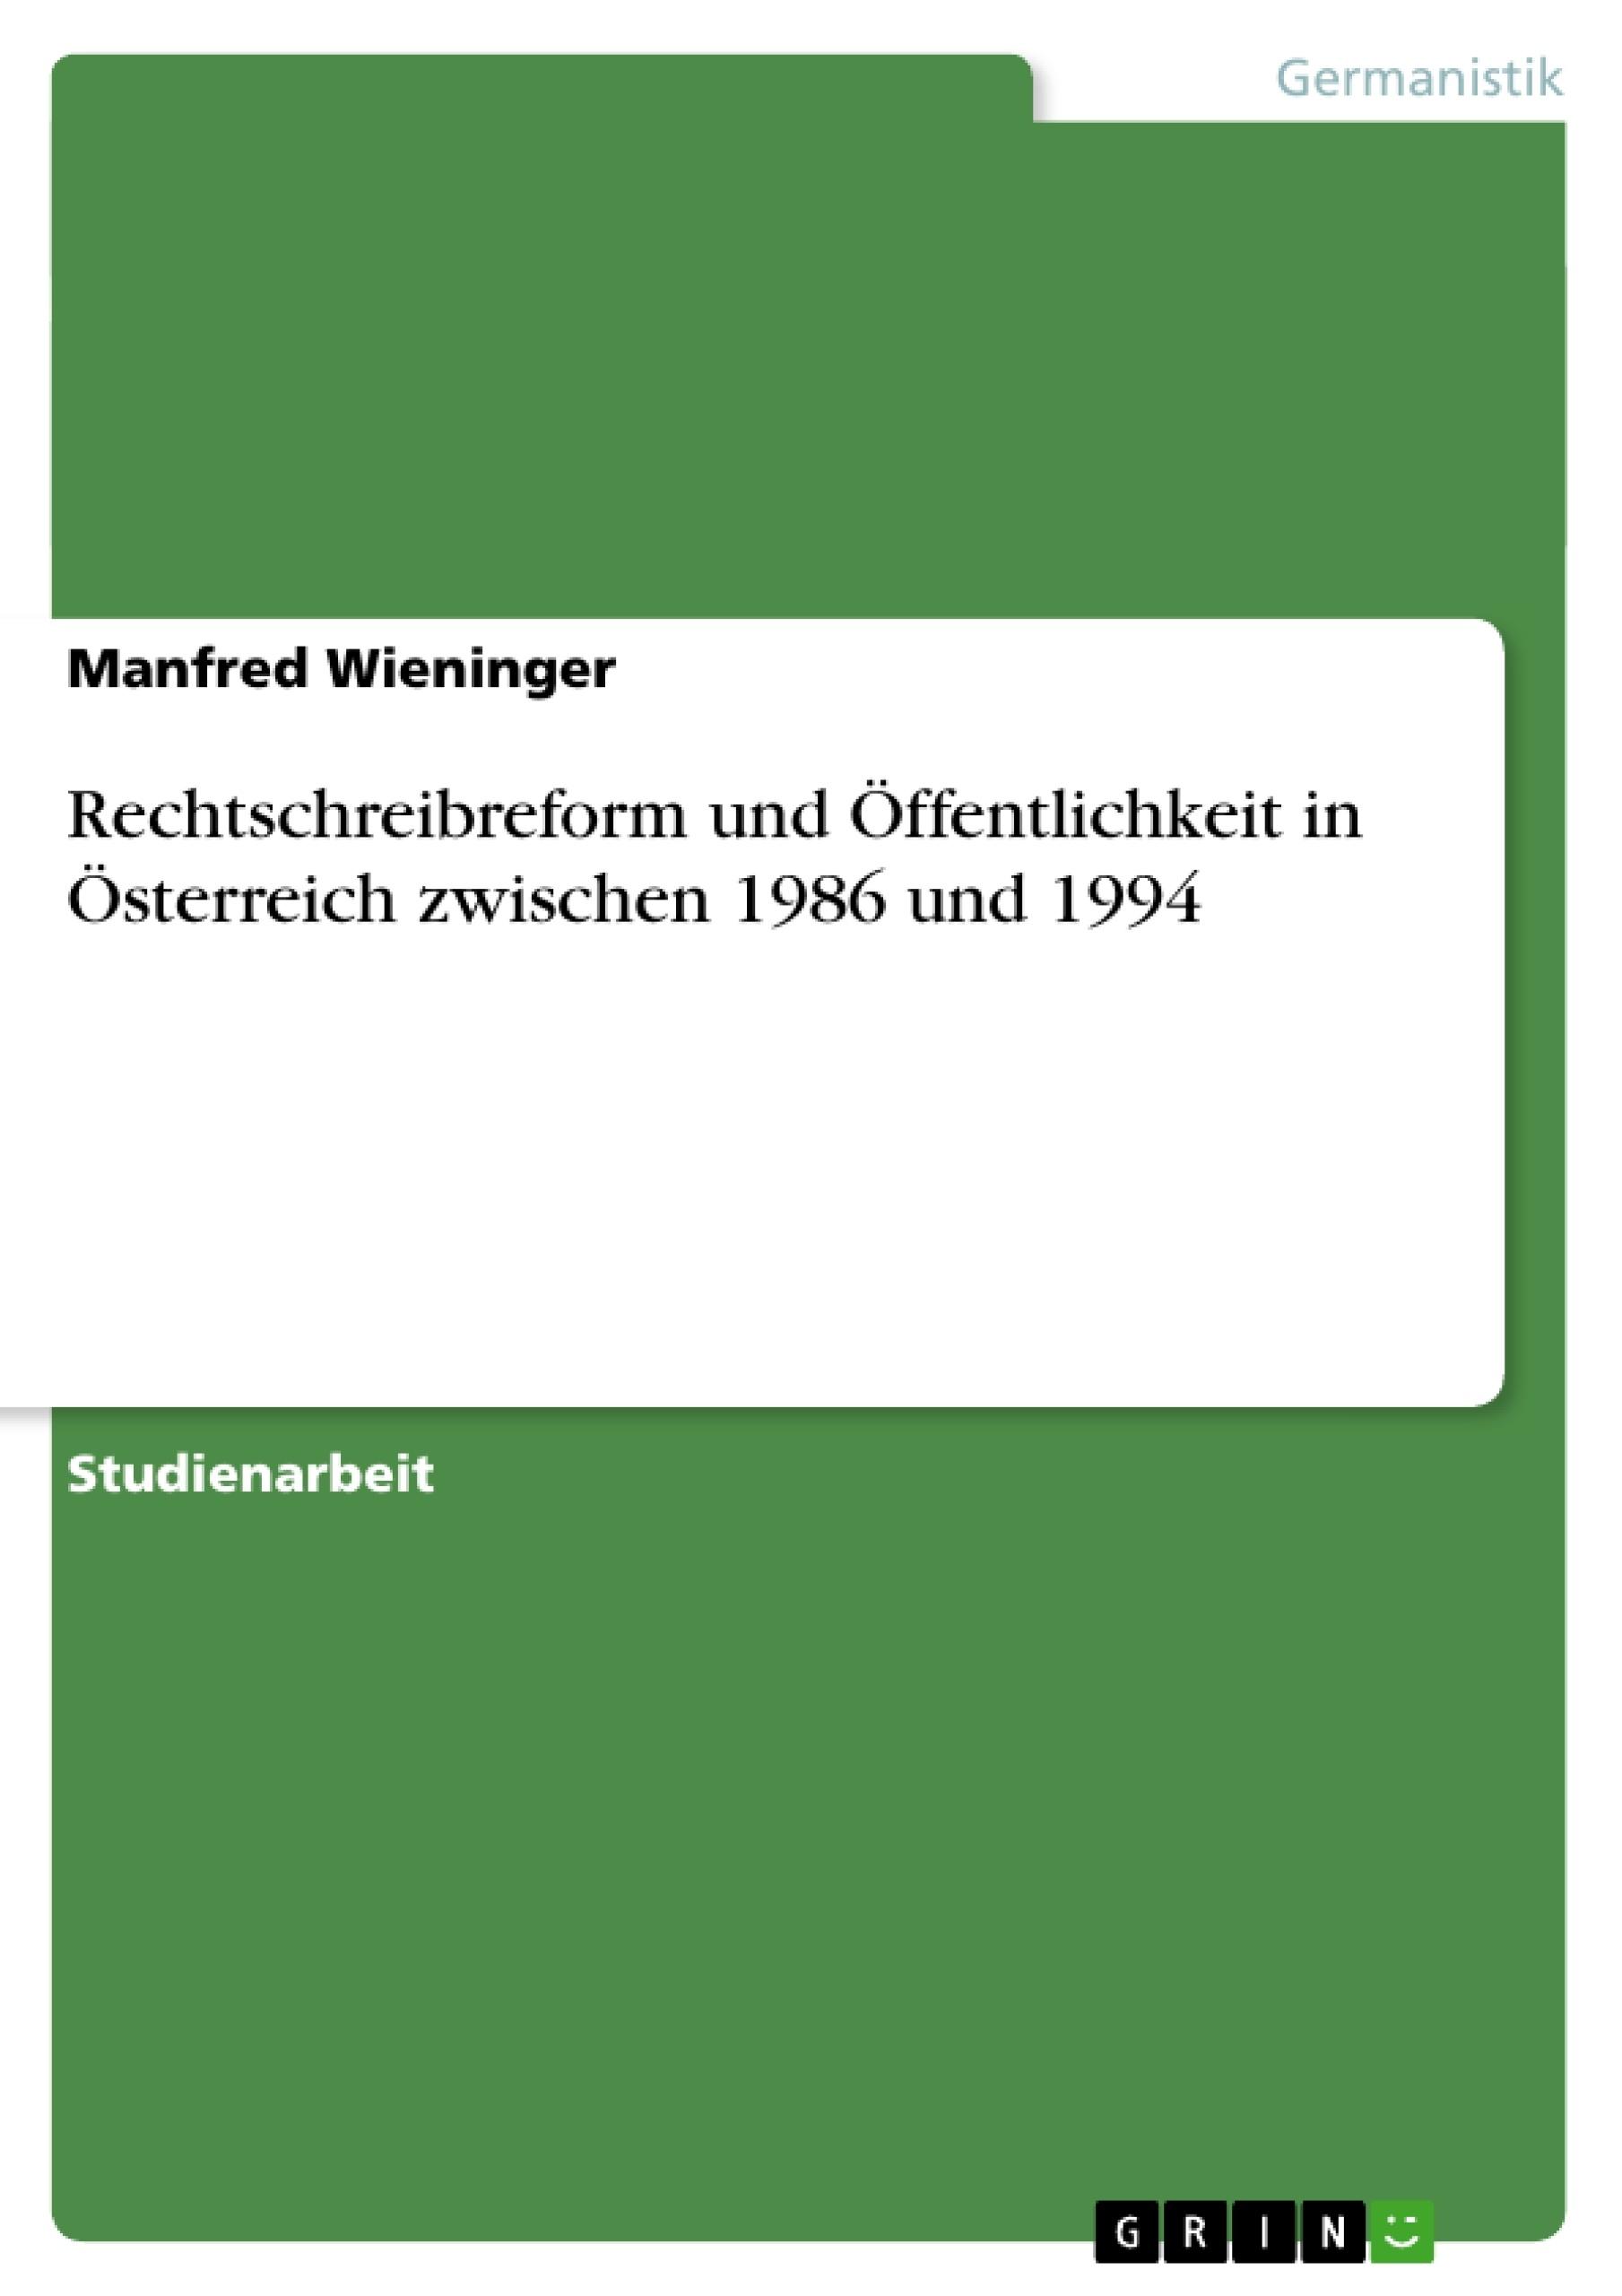 Titel: Rechtschreibreform und Öffentlichkeit in Österreich zwischen 1986 und 1994